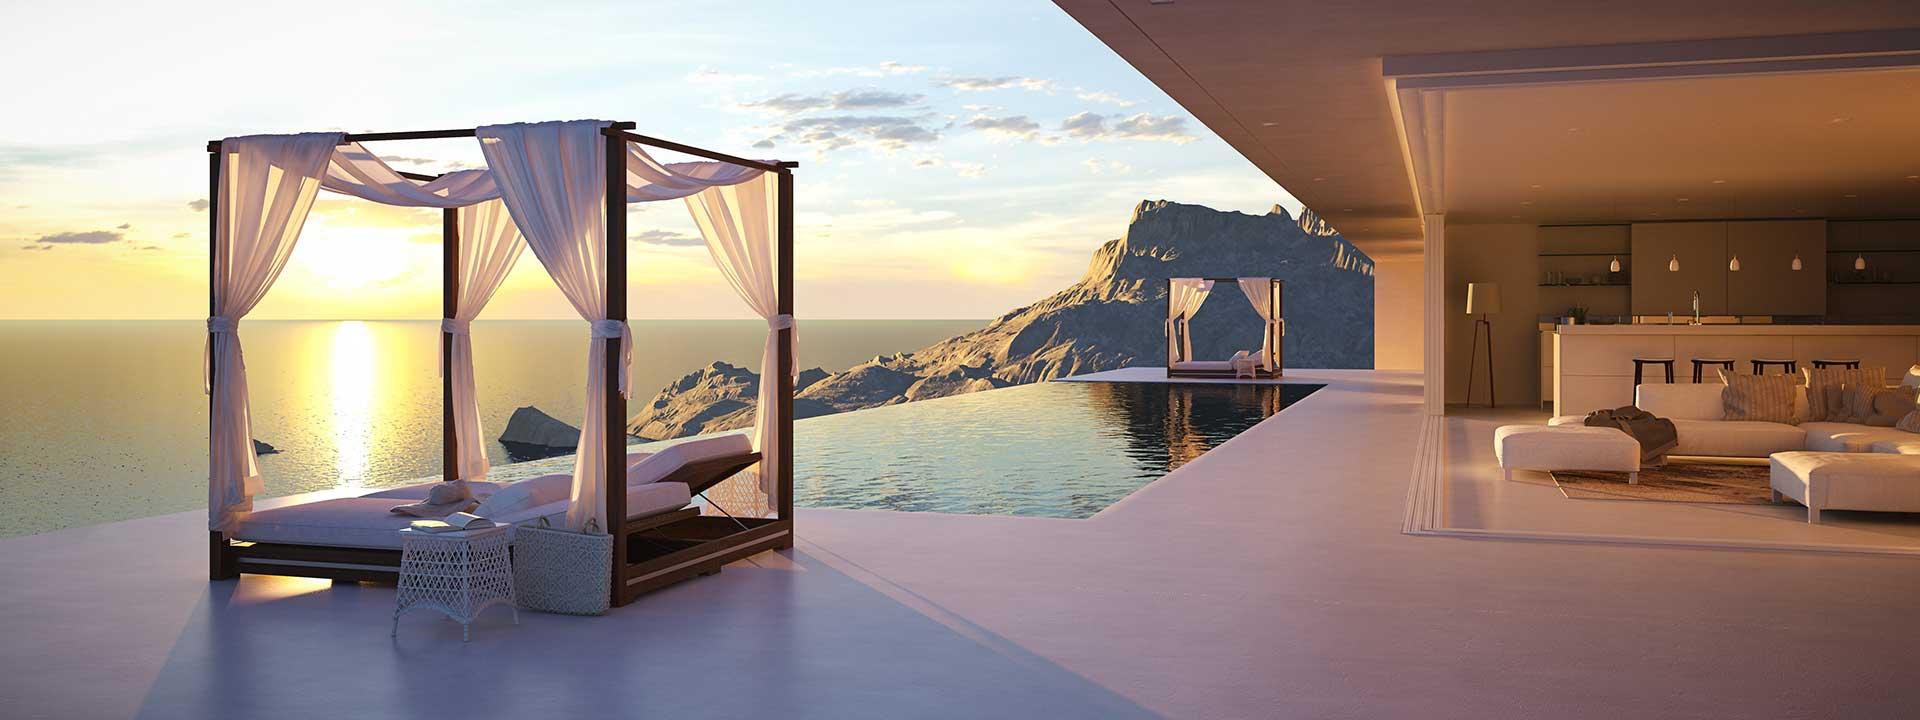 Himmelbett neben Pool